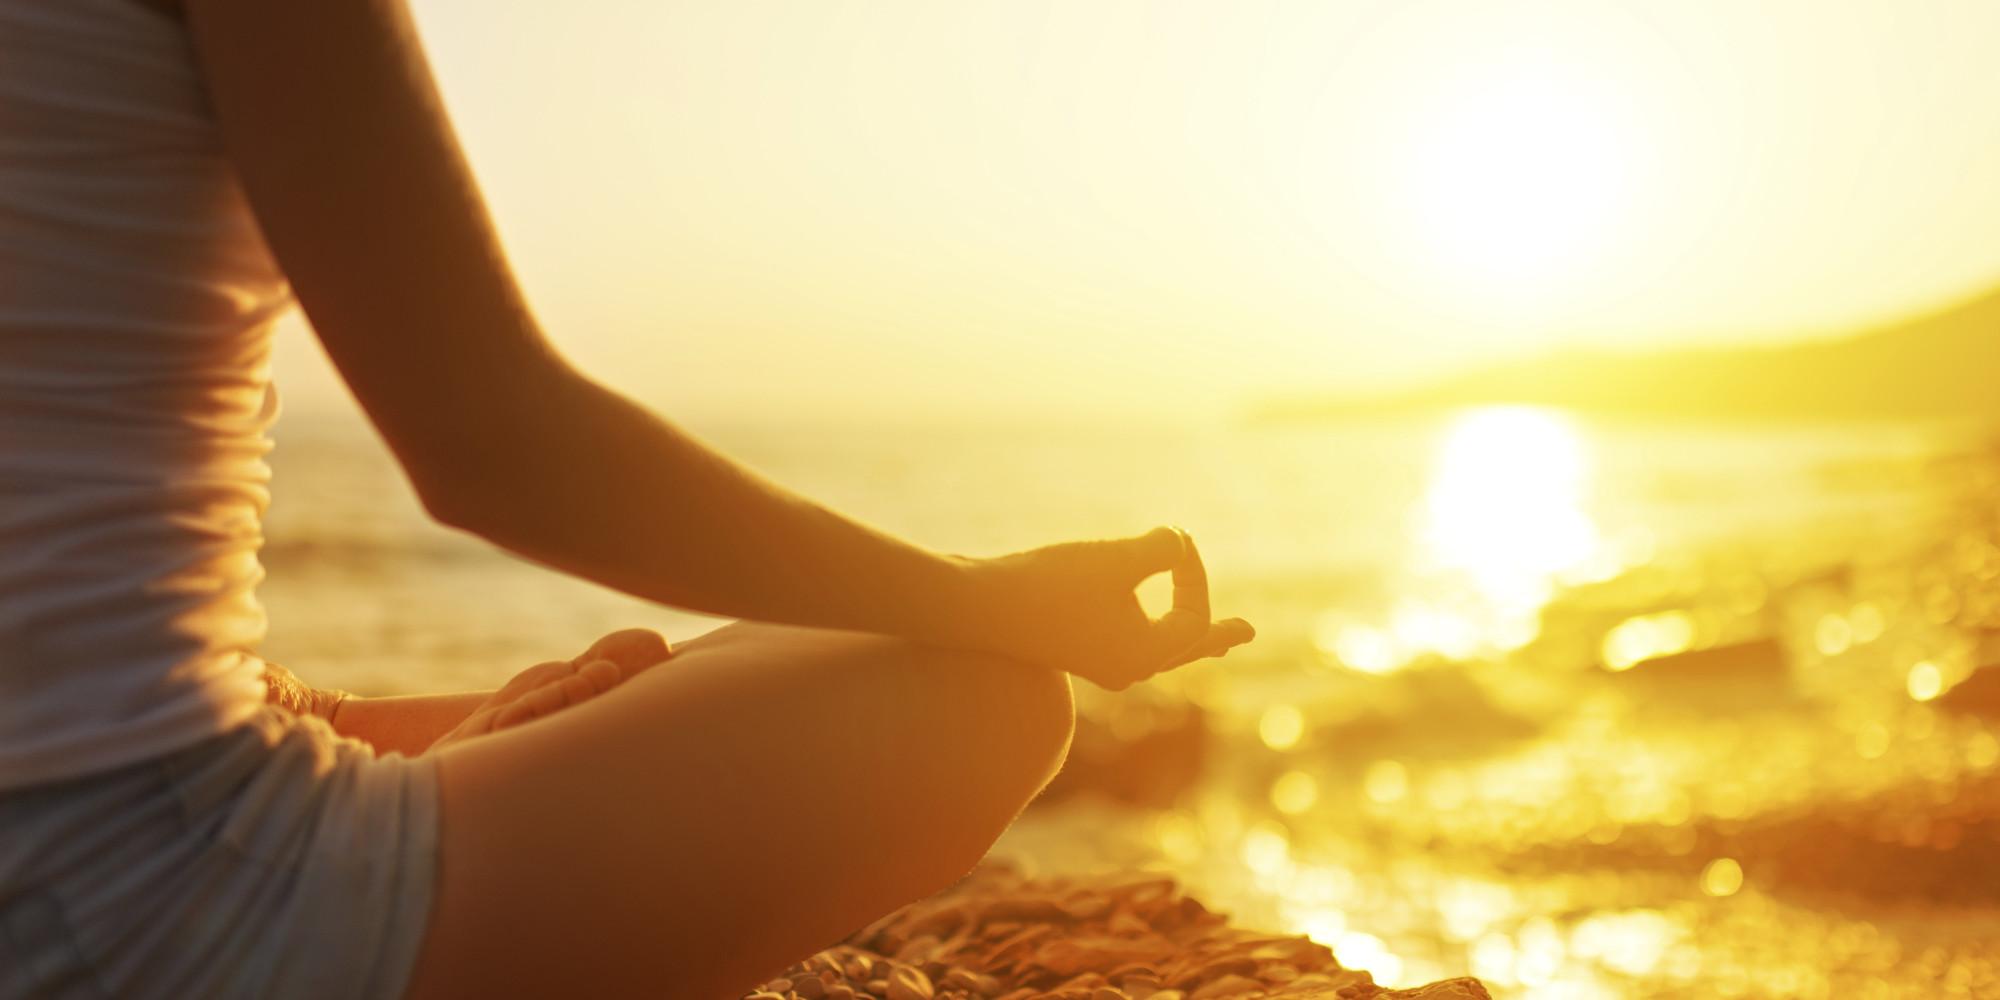 5 лучших носимых гаджетов для релакса и медитации